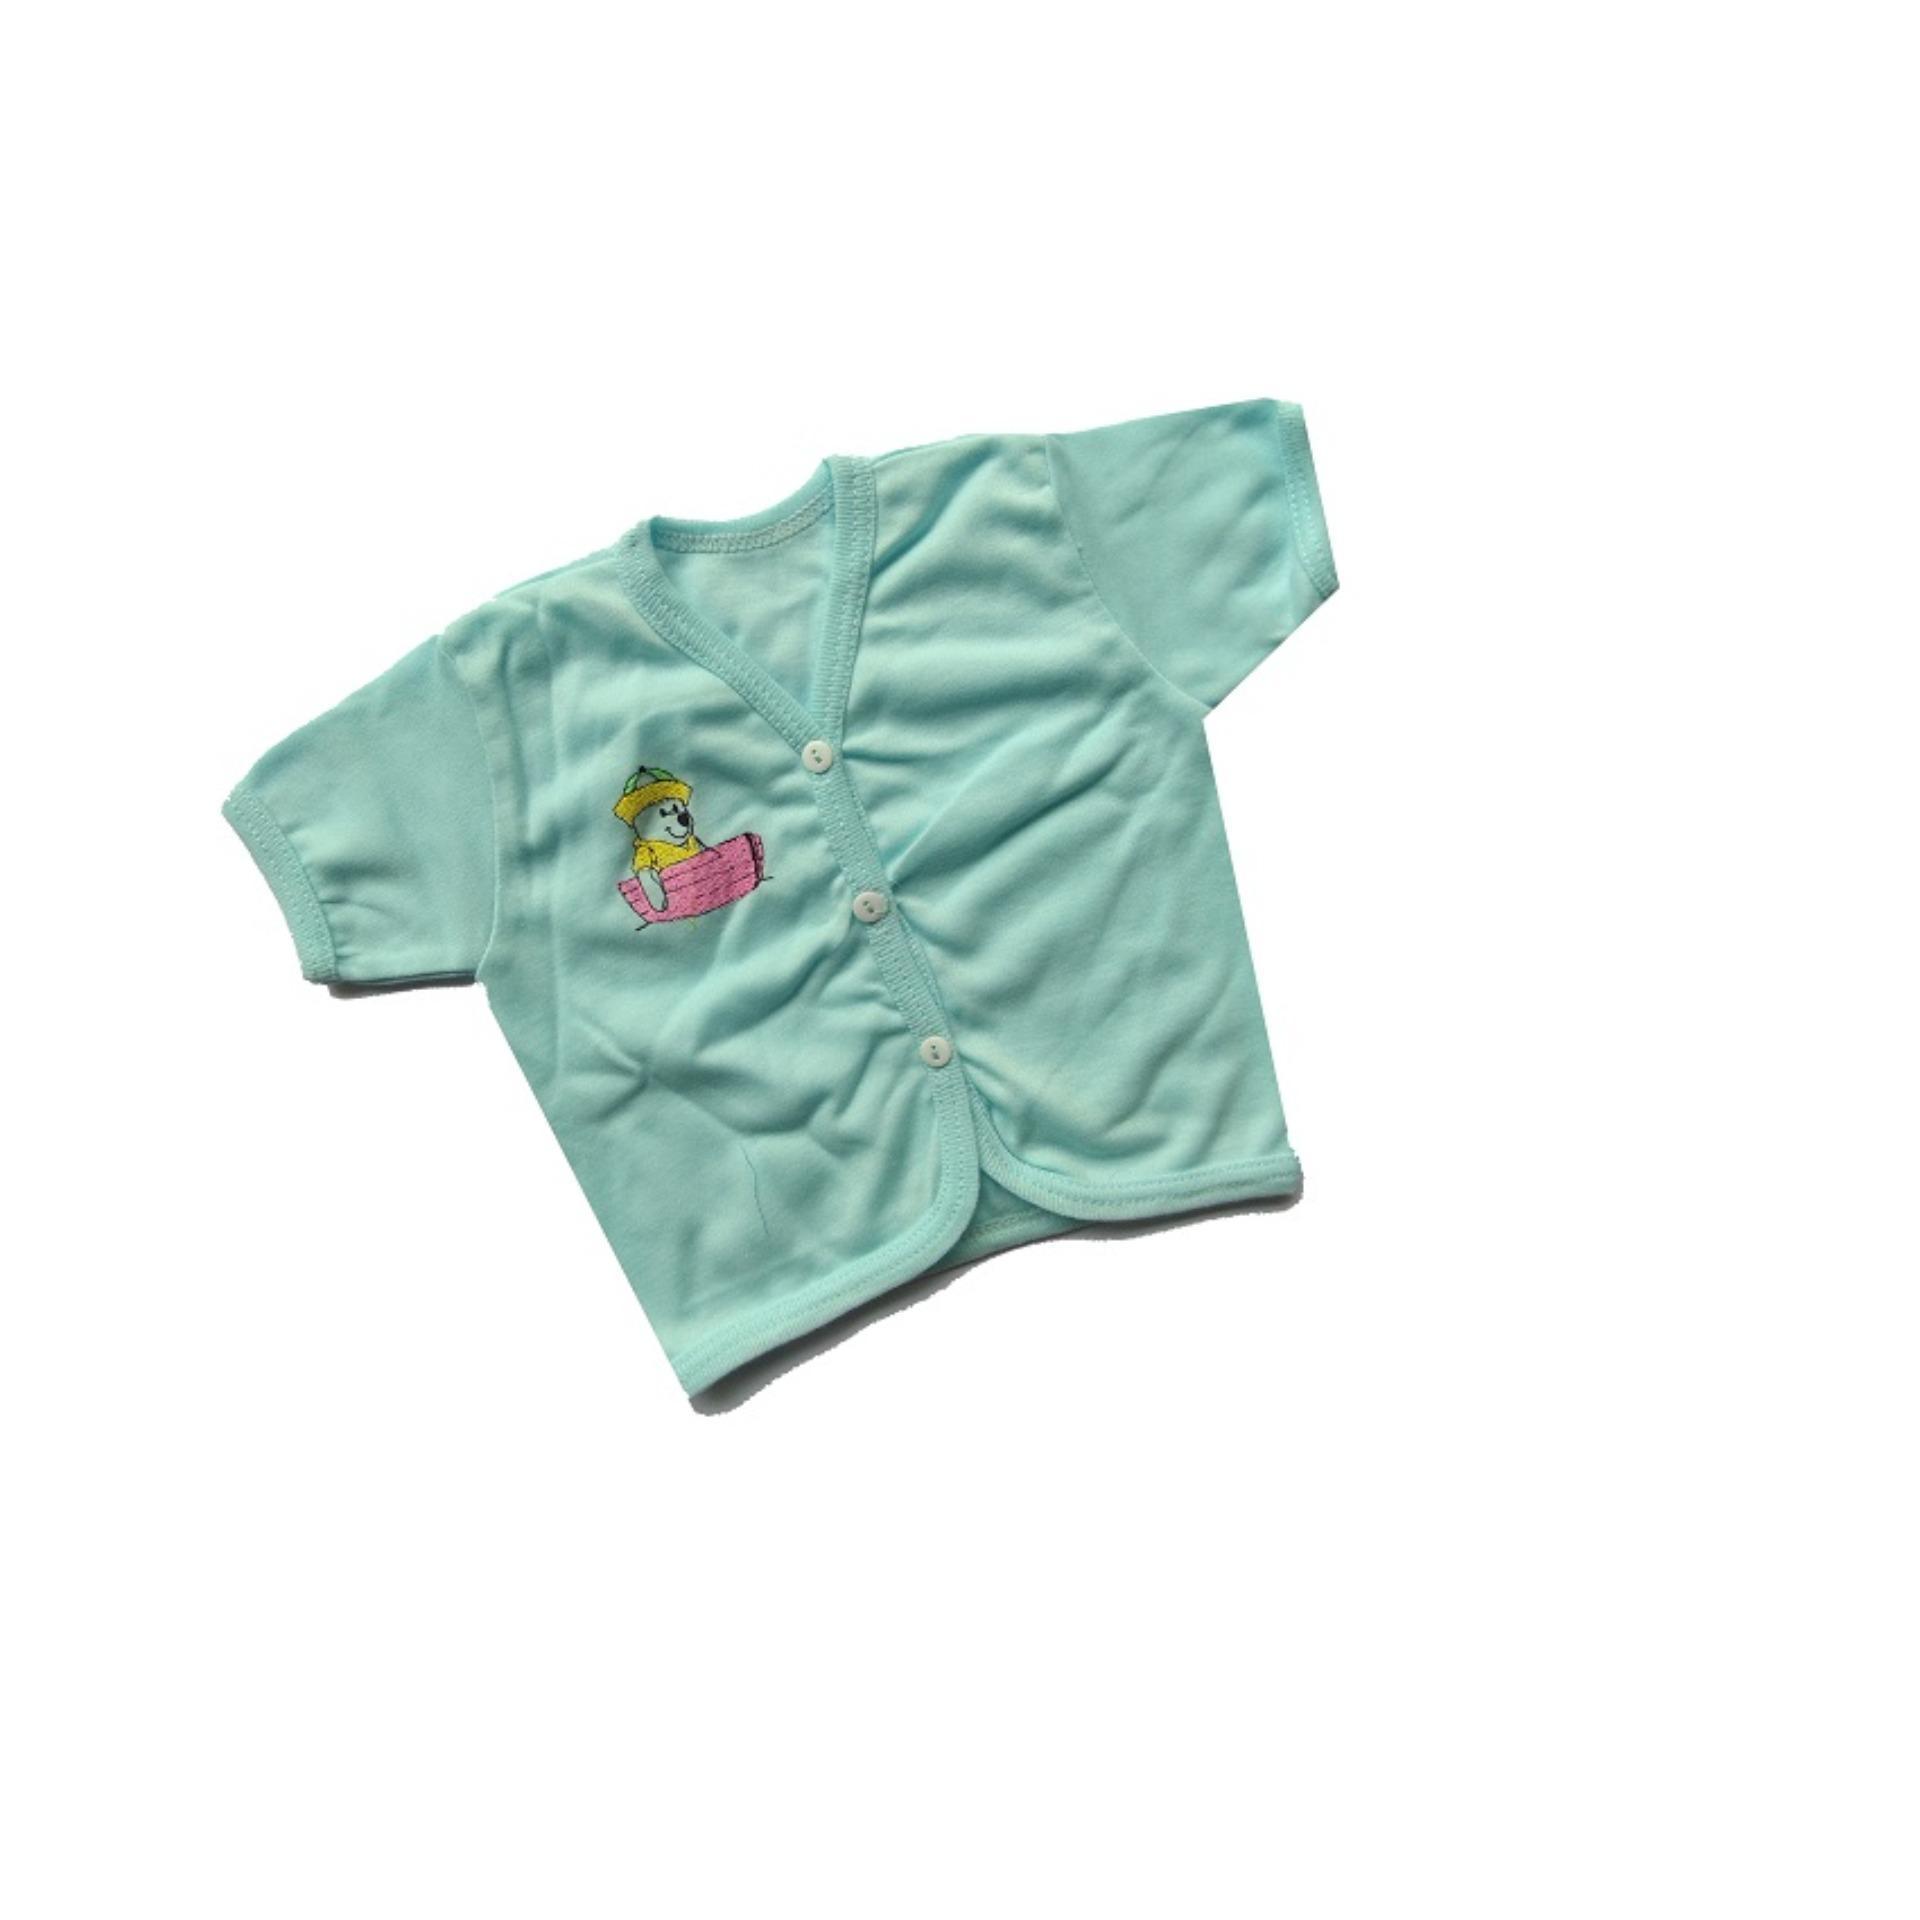 Home Kaos Lengan Pendek Tee 5 In 1 Kancing Pundak Baju Baby Cewek . Source · Baju Bayi Lengan Pendek Warna isi 1 pcs umur 0-6 bulan/baju santai